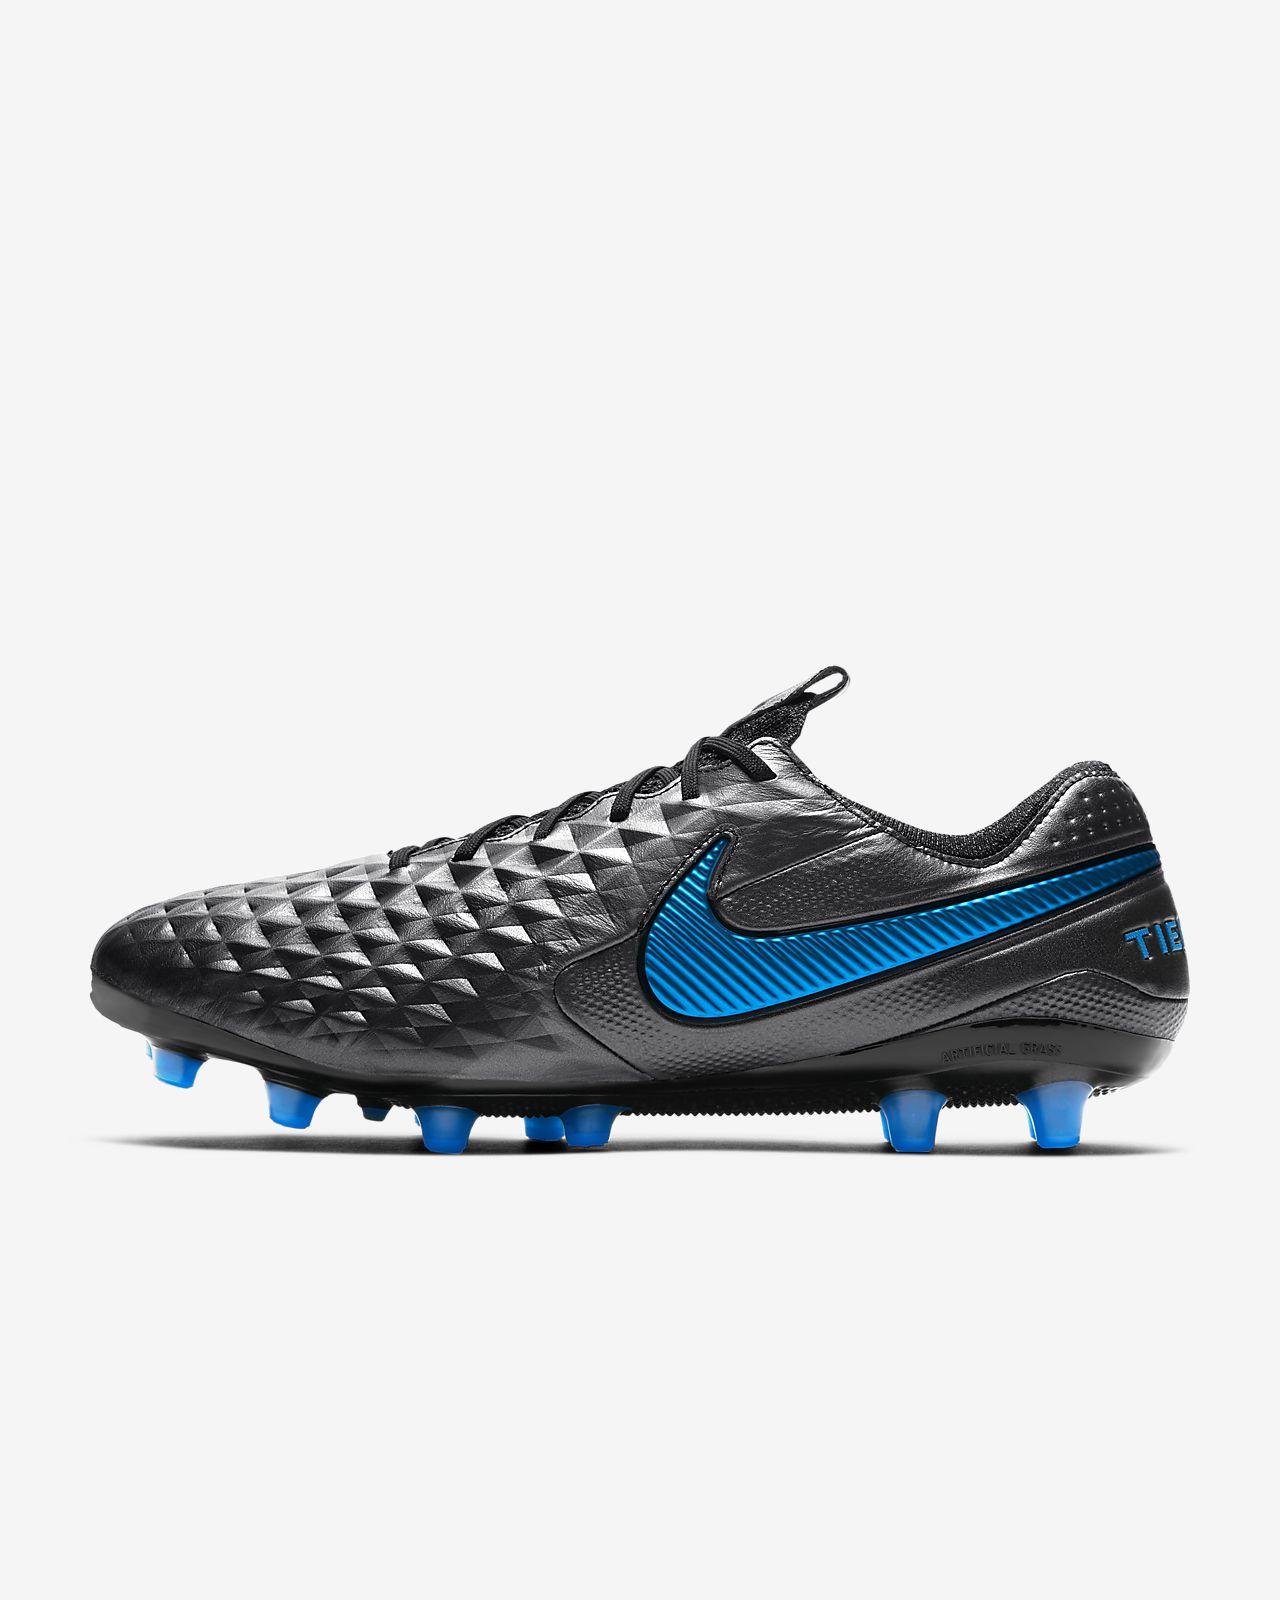 Ποδοσφαιρικό παπούτσι για τεχνητό γρασίδι Nike Tiempo Legend 8 Elite AG-PRO